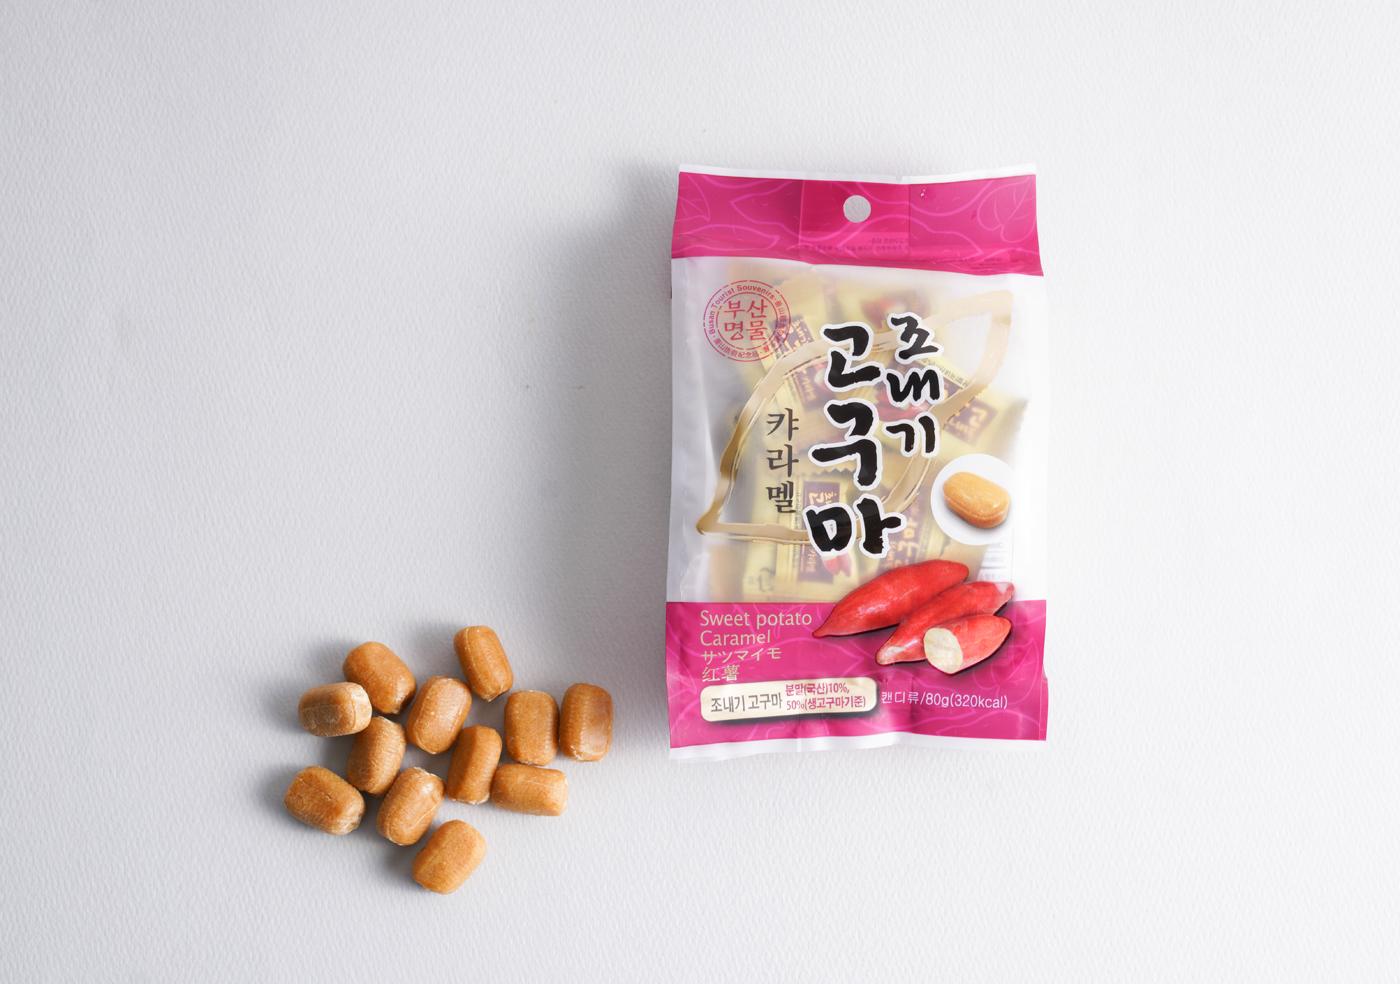 조내기 고구마 카라멜(80g)/고구마 50%가 함유되어 이에 달라붙지 않는 달콤 카라멜 상세이미지2